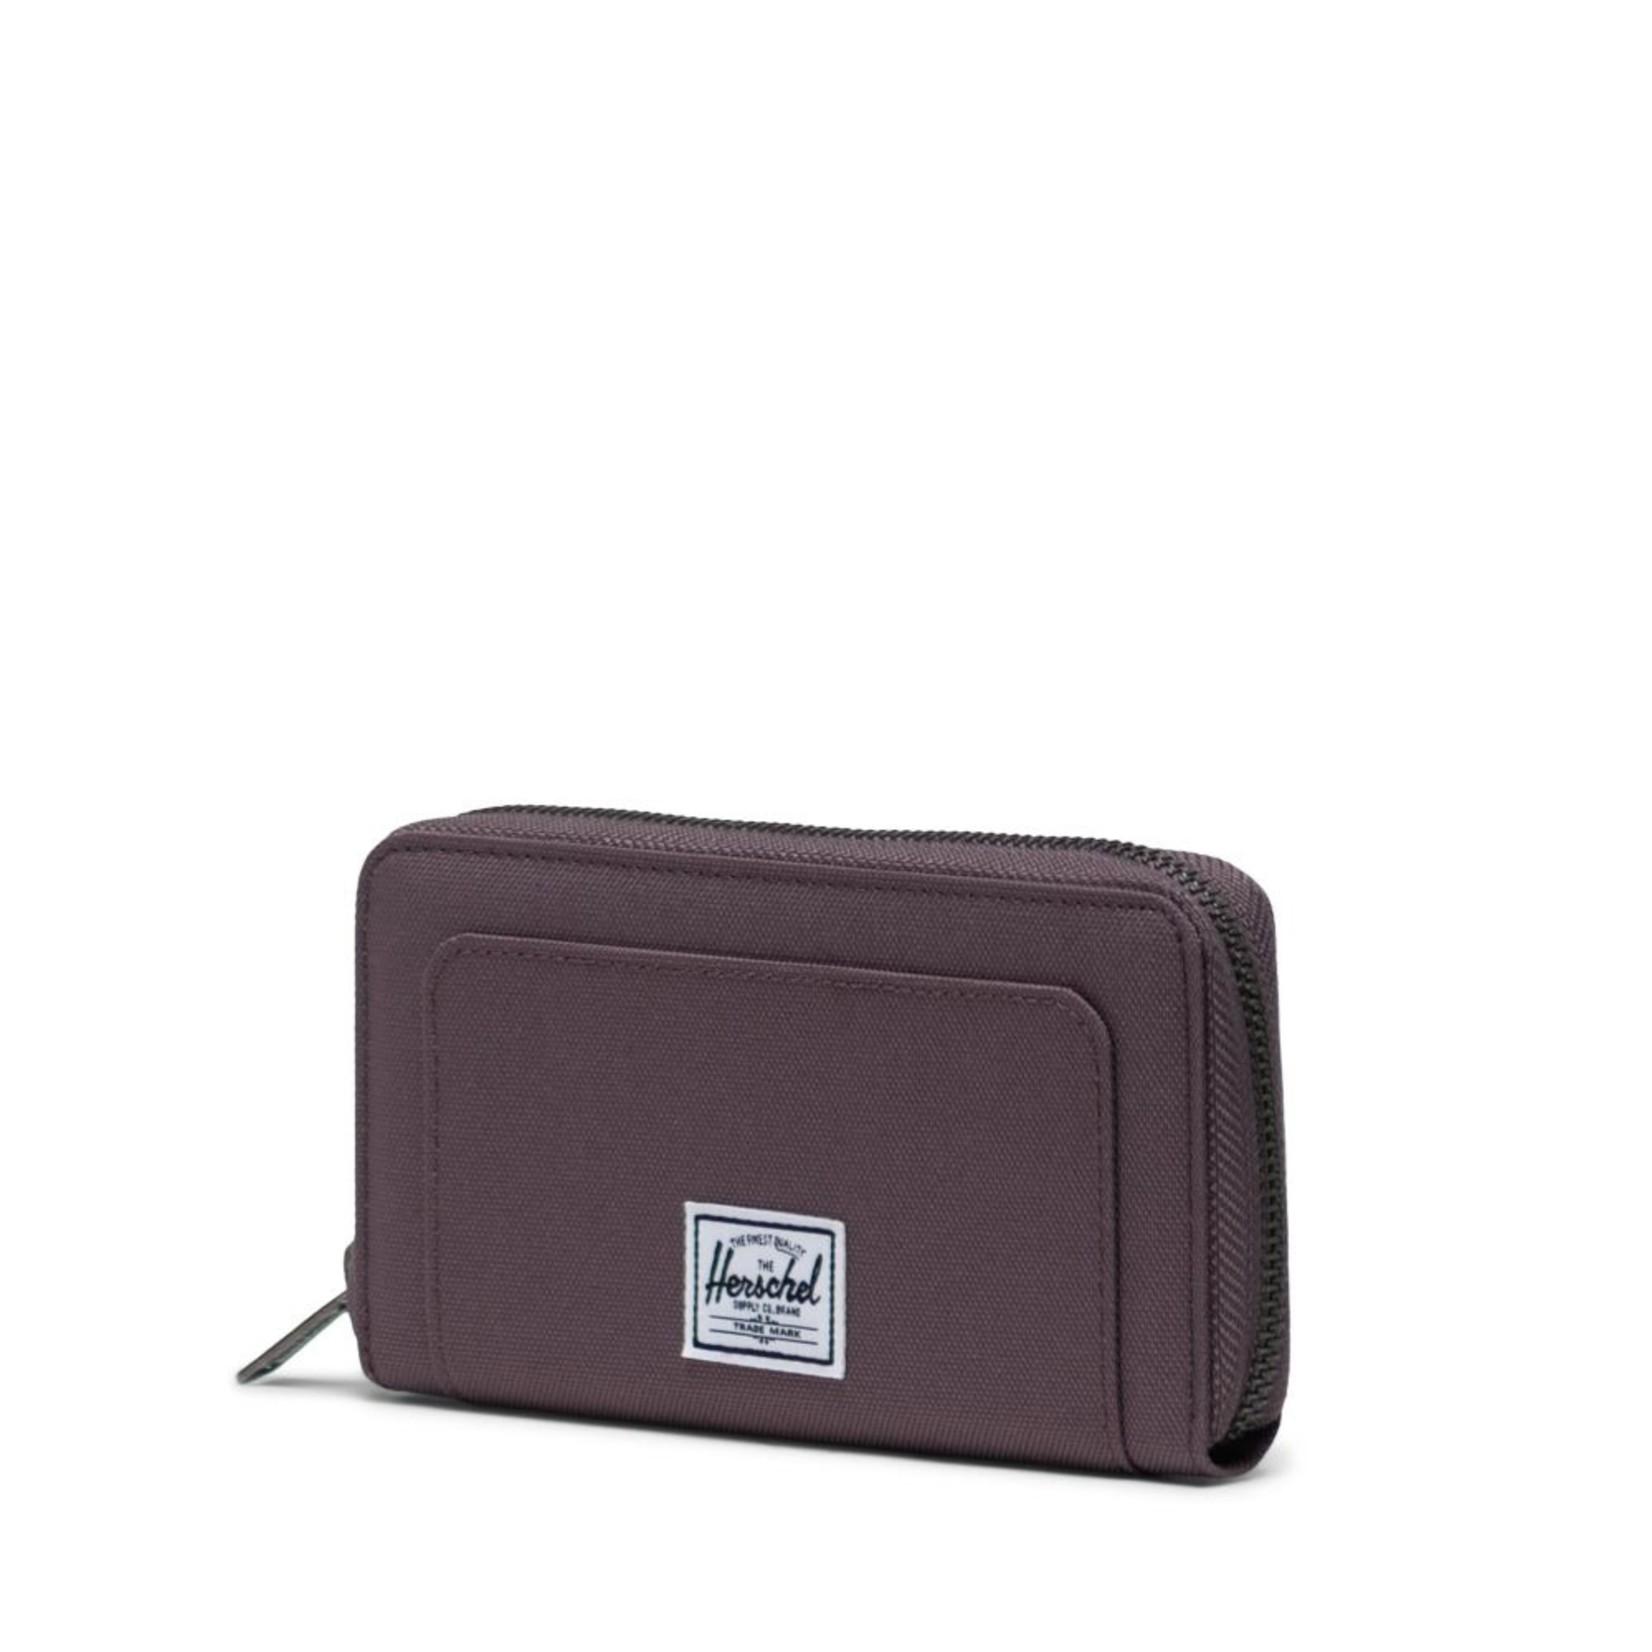 Herschel Supply CO. Herschel Thomas RFID Wallet